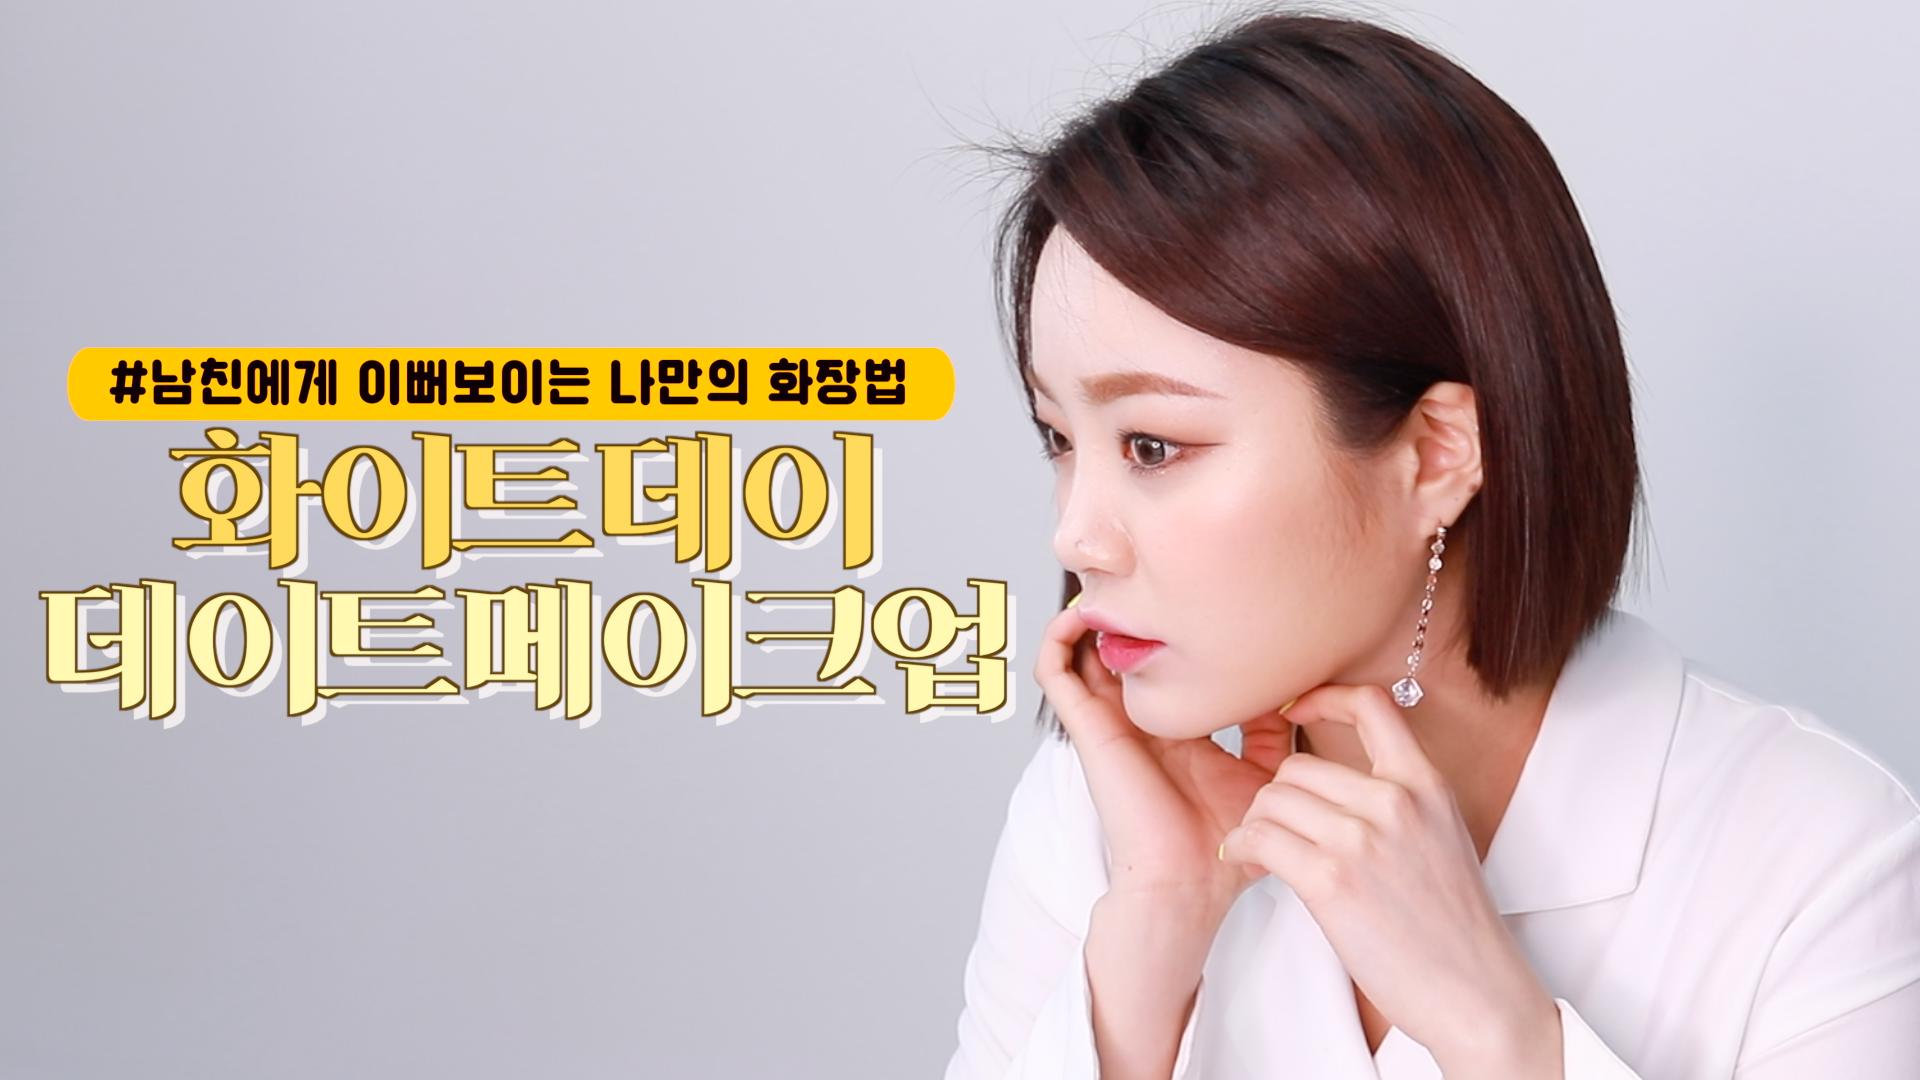 [1분팁] 남심 녹이는 '심쿵' 화이트데이 데이트 메이크업 - 메이크업 아티스트 원정